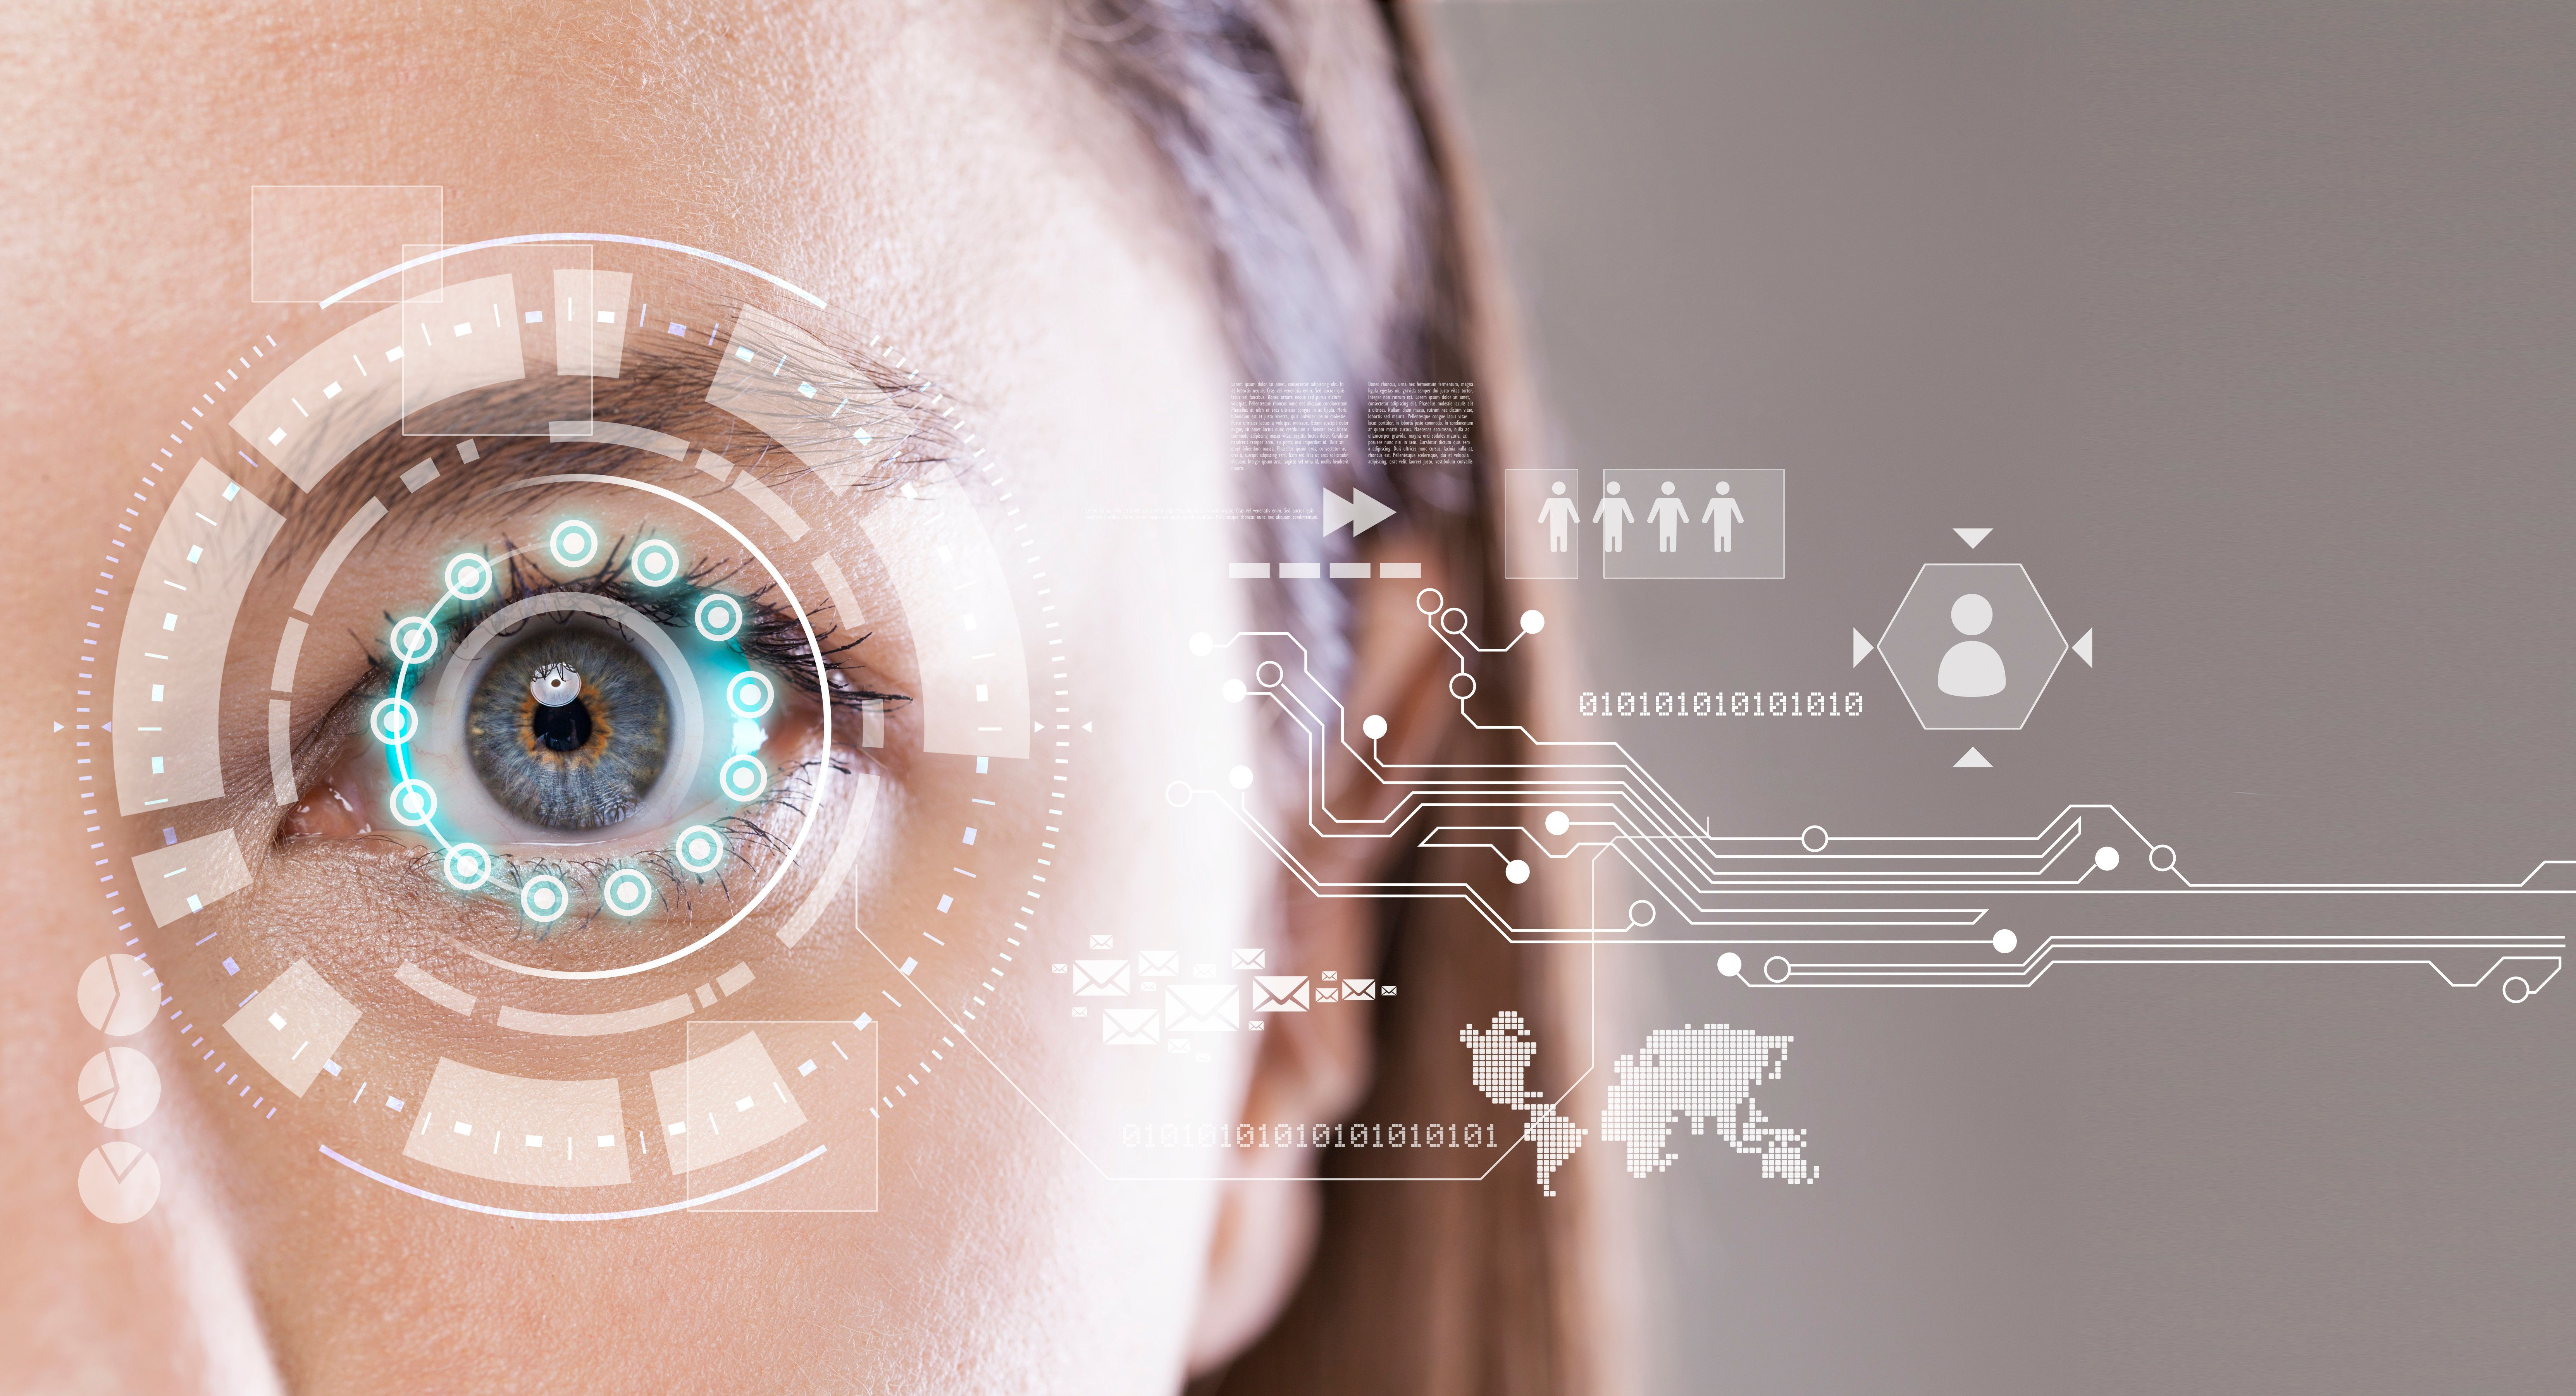 Une intelligence artificielle autorisée à faire des diagnostics sans l'aide d'un humain aux